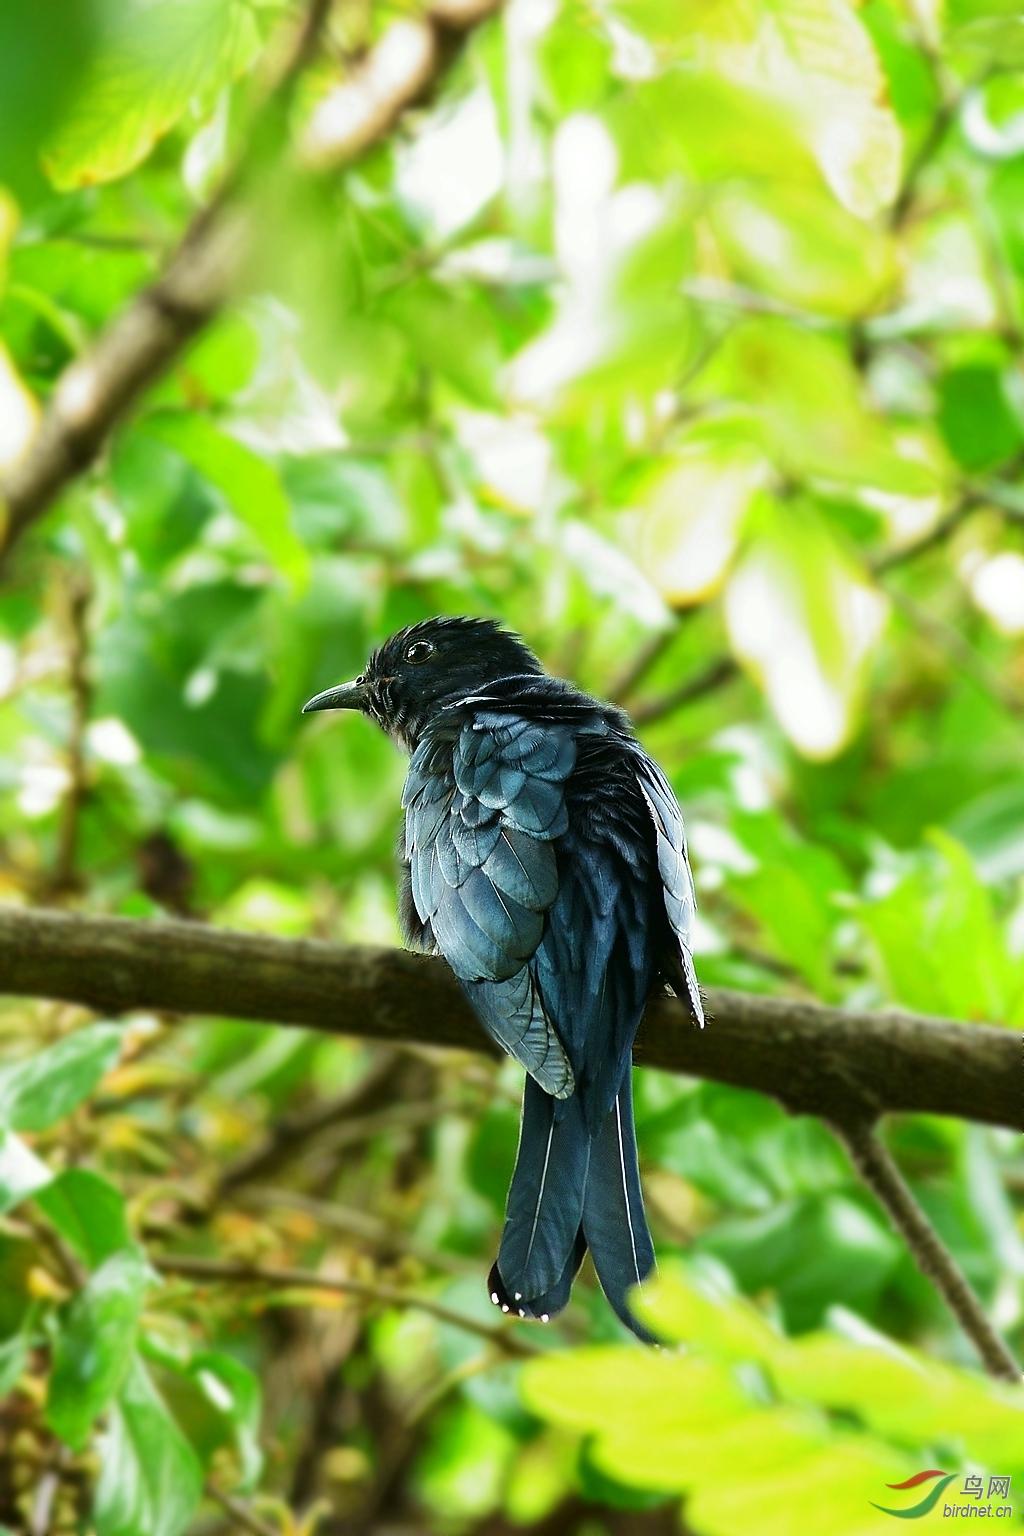 学名:Surniculus lugubris 为杜鹃科乌鹃属的鸟类,俗名卷尾鹃、乌喀咕。分布于中国大陆的西藏、四川、云南、贵州、广西、福建、广东、海南等地,主要栖息于大森林或平原较稀疏的林木间以及在树上活动和栖息。